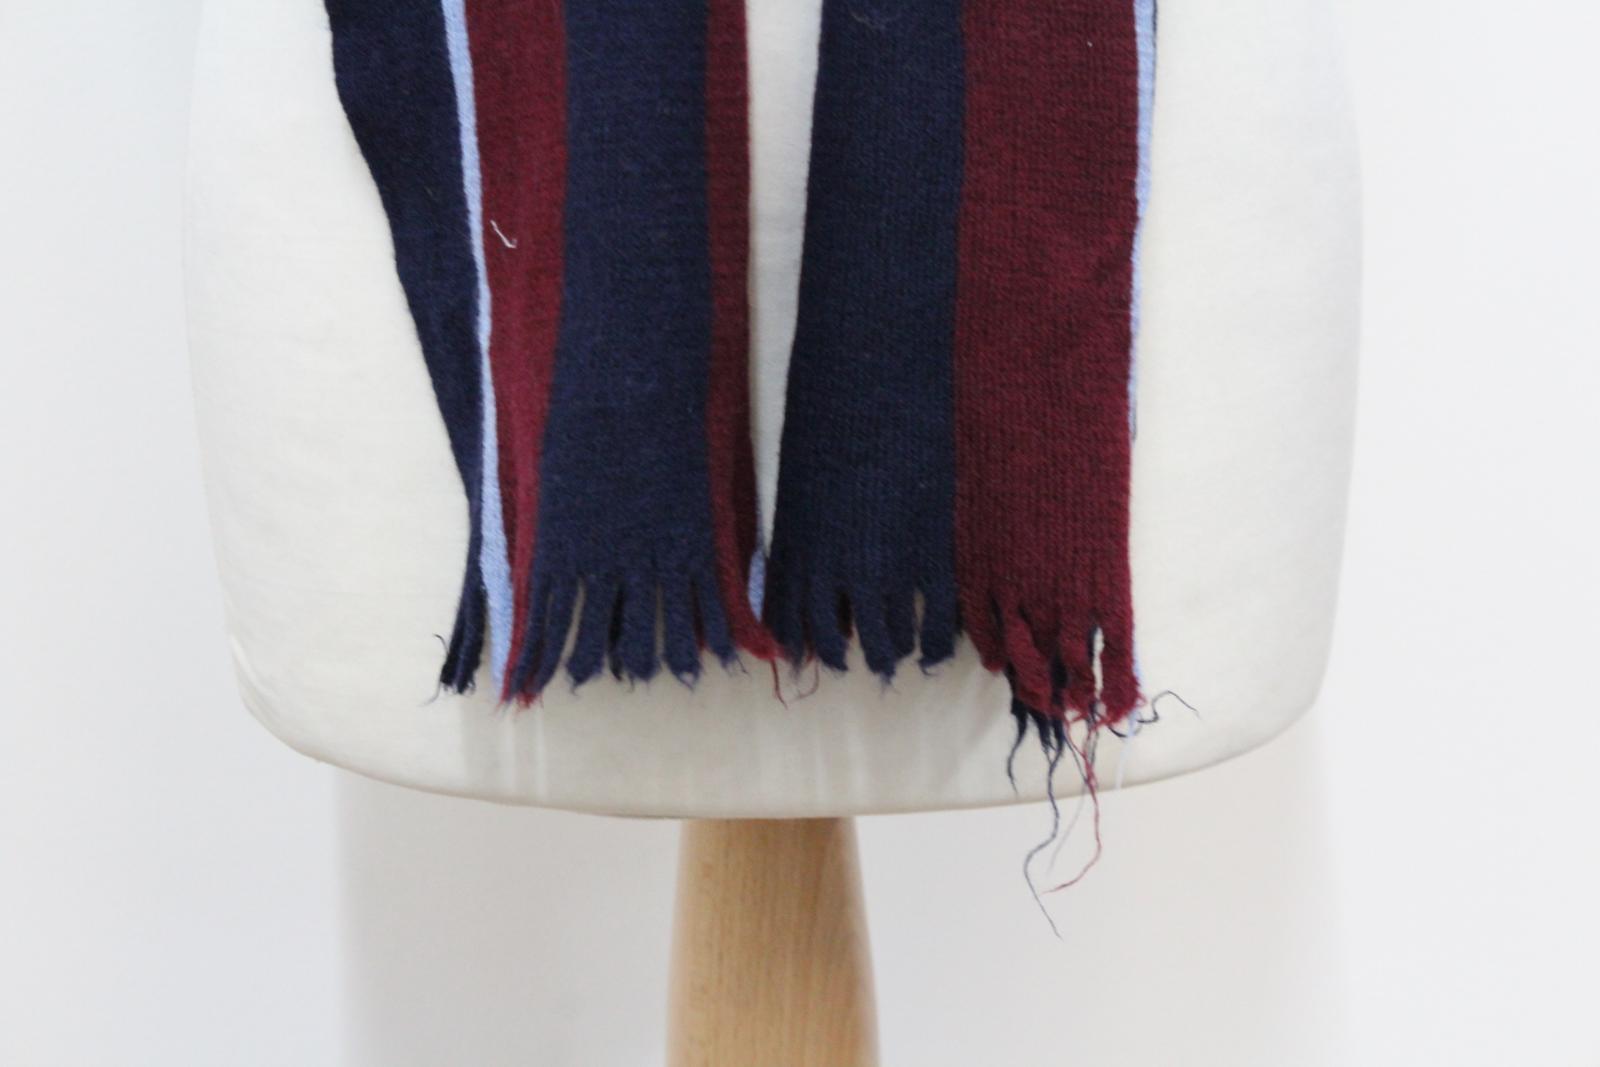 Hilltop-Homme-Bleu-amp-Rouge-Laine-depouille-rectangulaire-Tricot-echarpe-152-cm-x-20-cm miniature 4